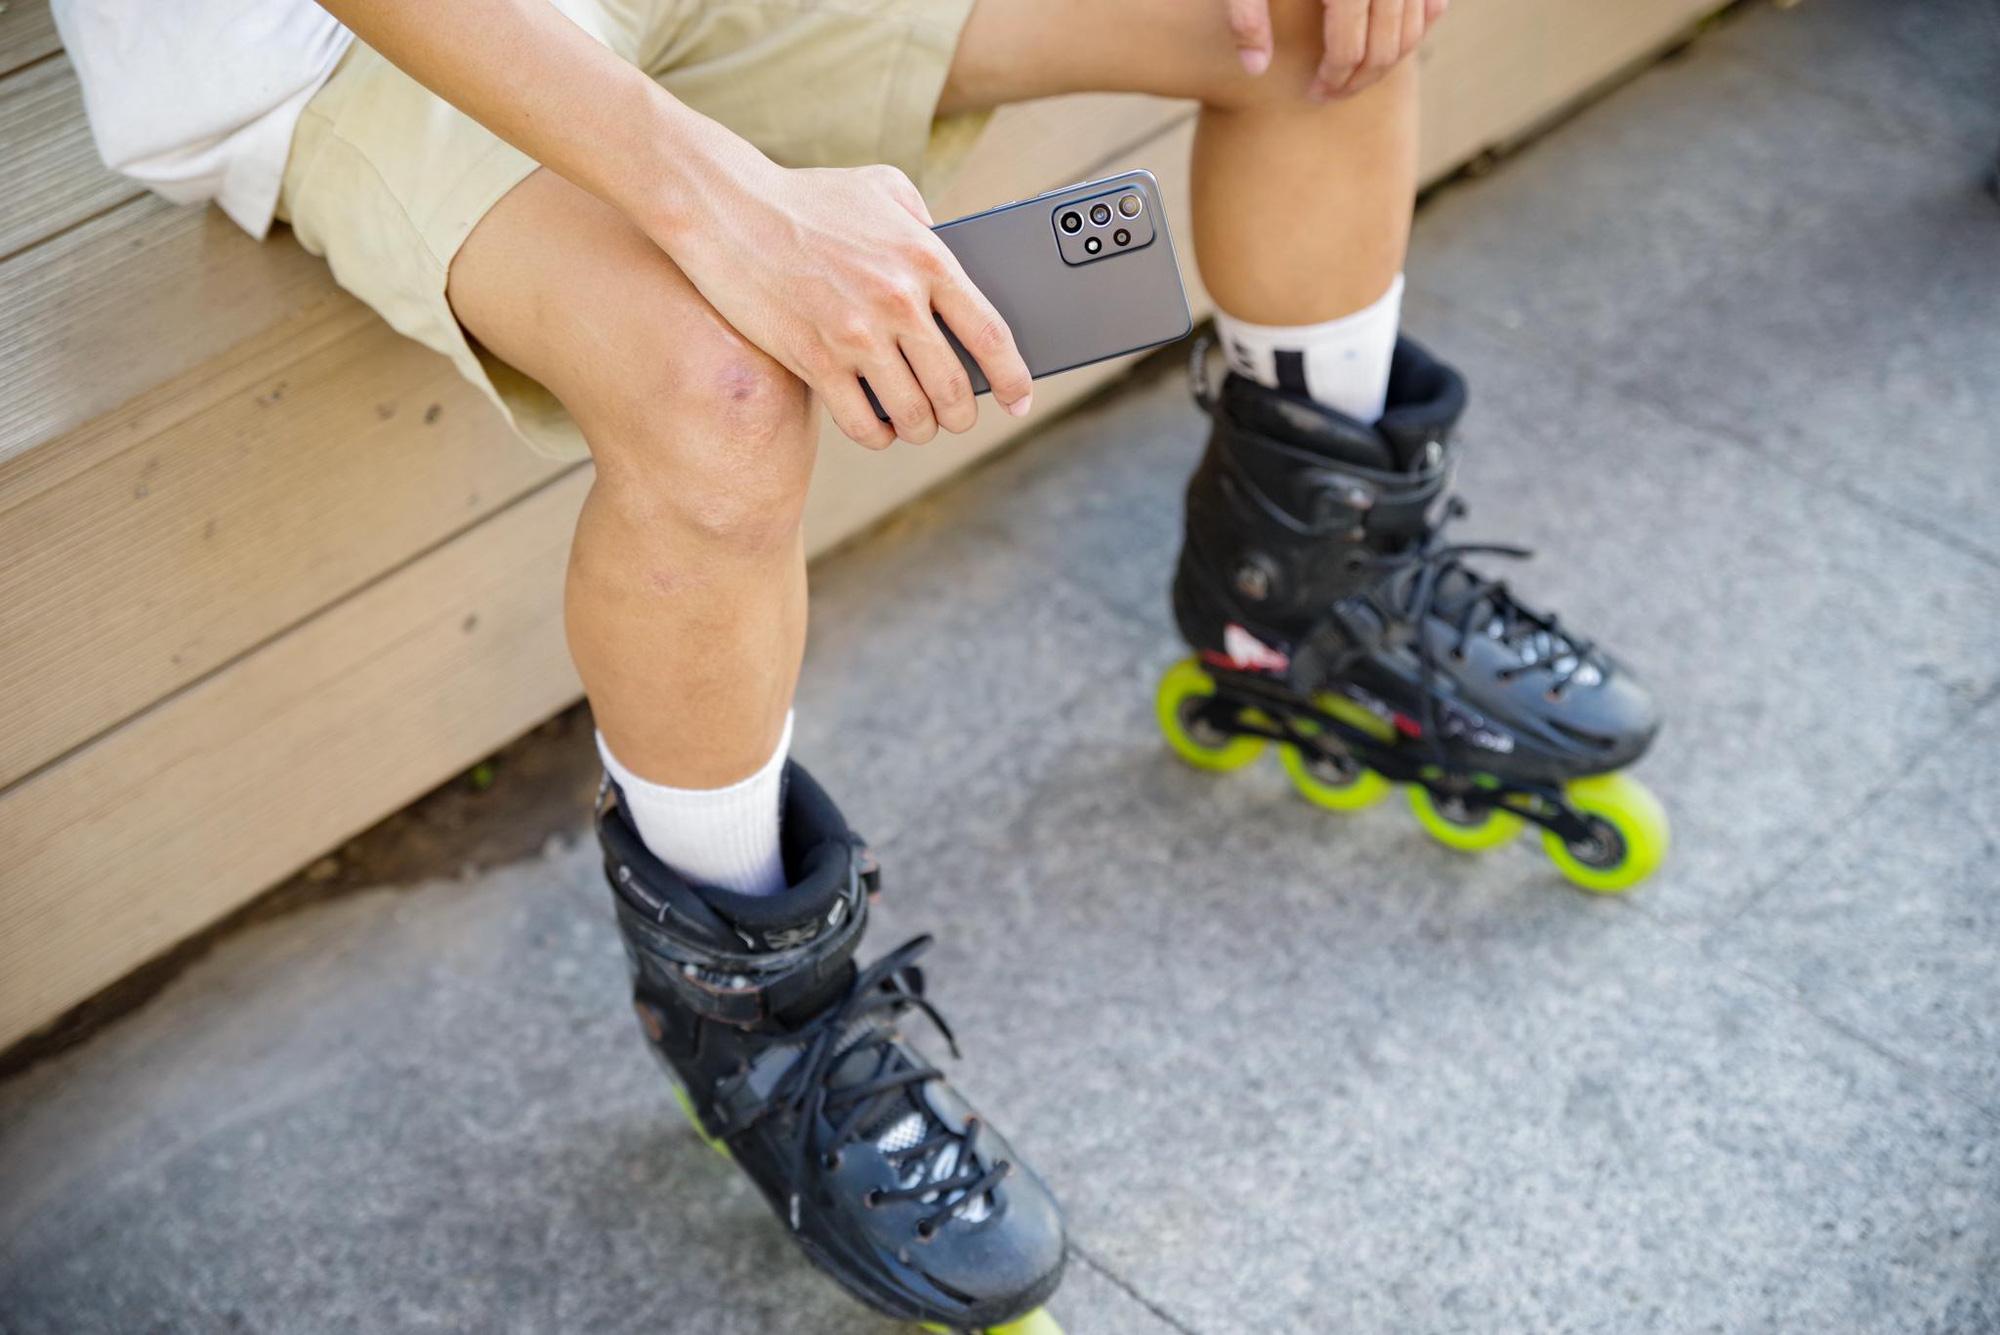 Là người thích bay nhảy, tôi đã tìm thấy smartphone chân ái dành cho mình như thế nào? - Ảnh 1.